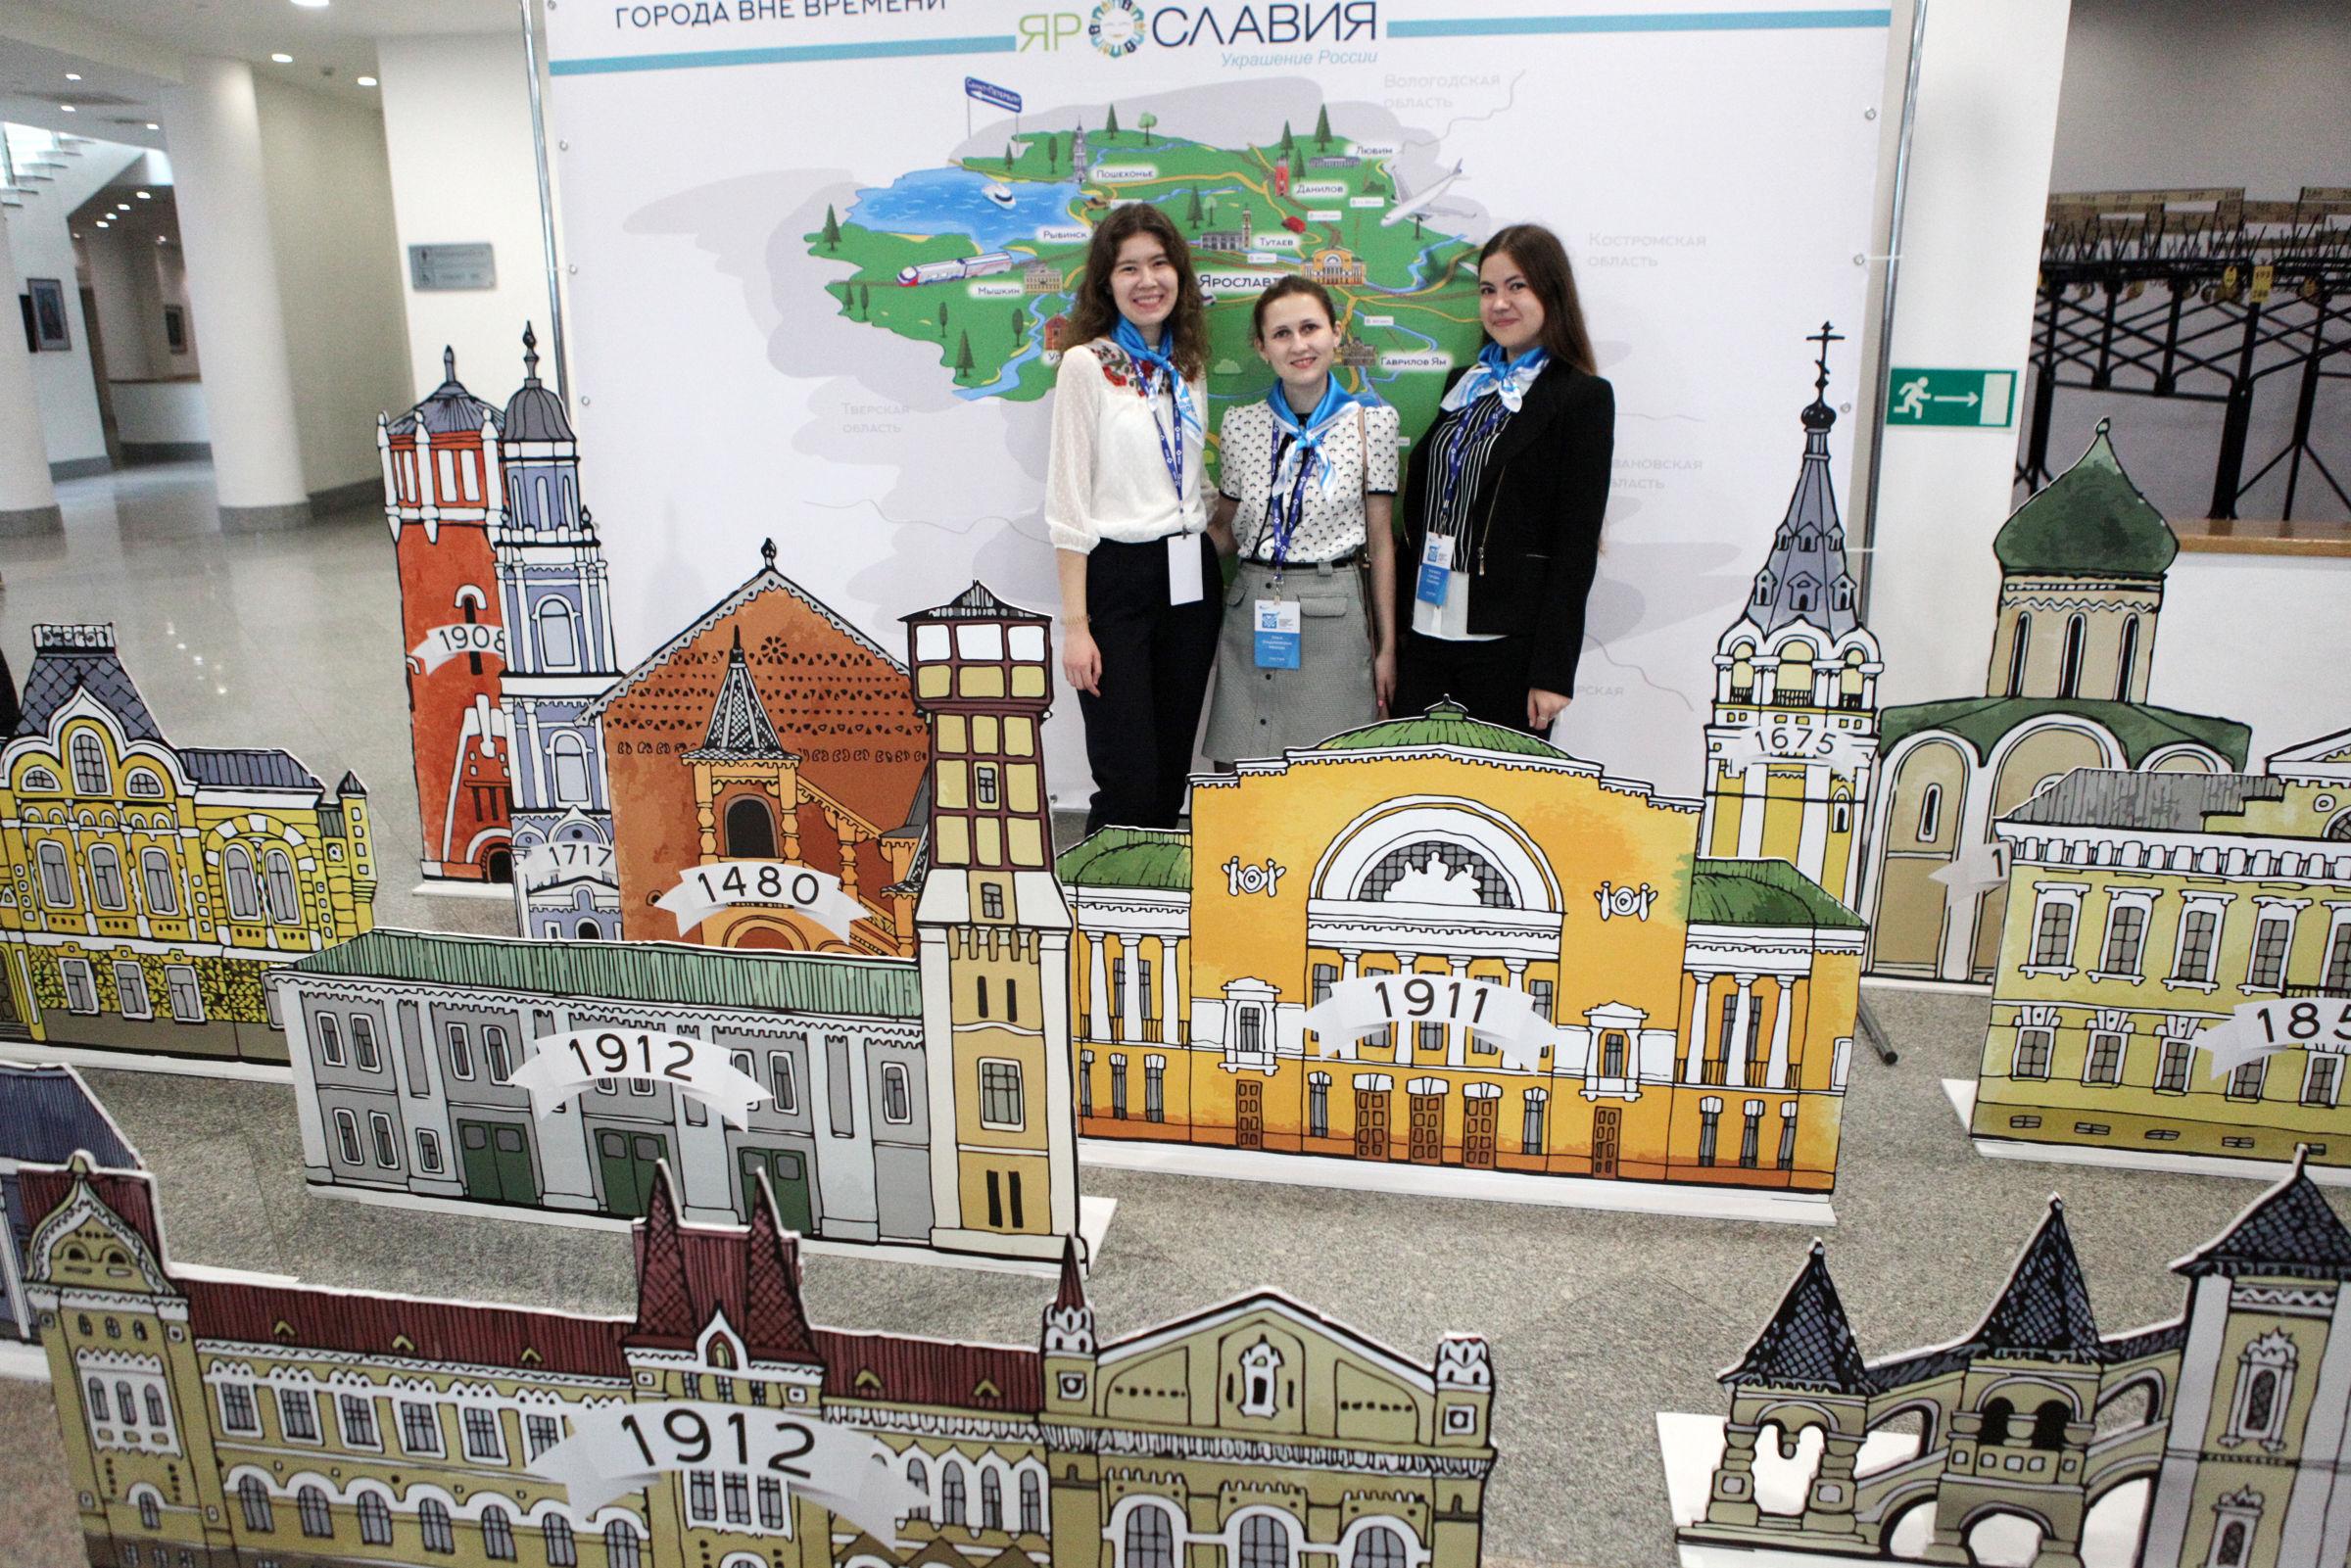 Биржа труда для врачей. Представители Европы, Азии, Африки и Америки приехали в Ярославль на фармацевтический саммит